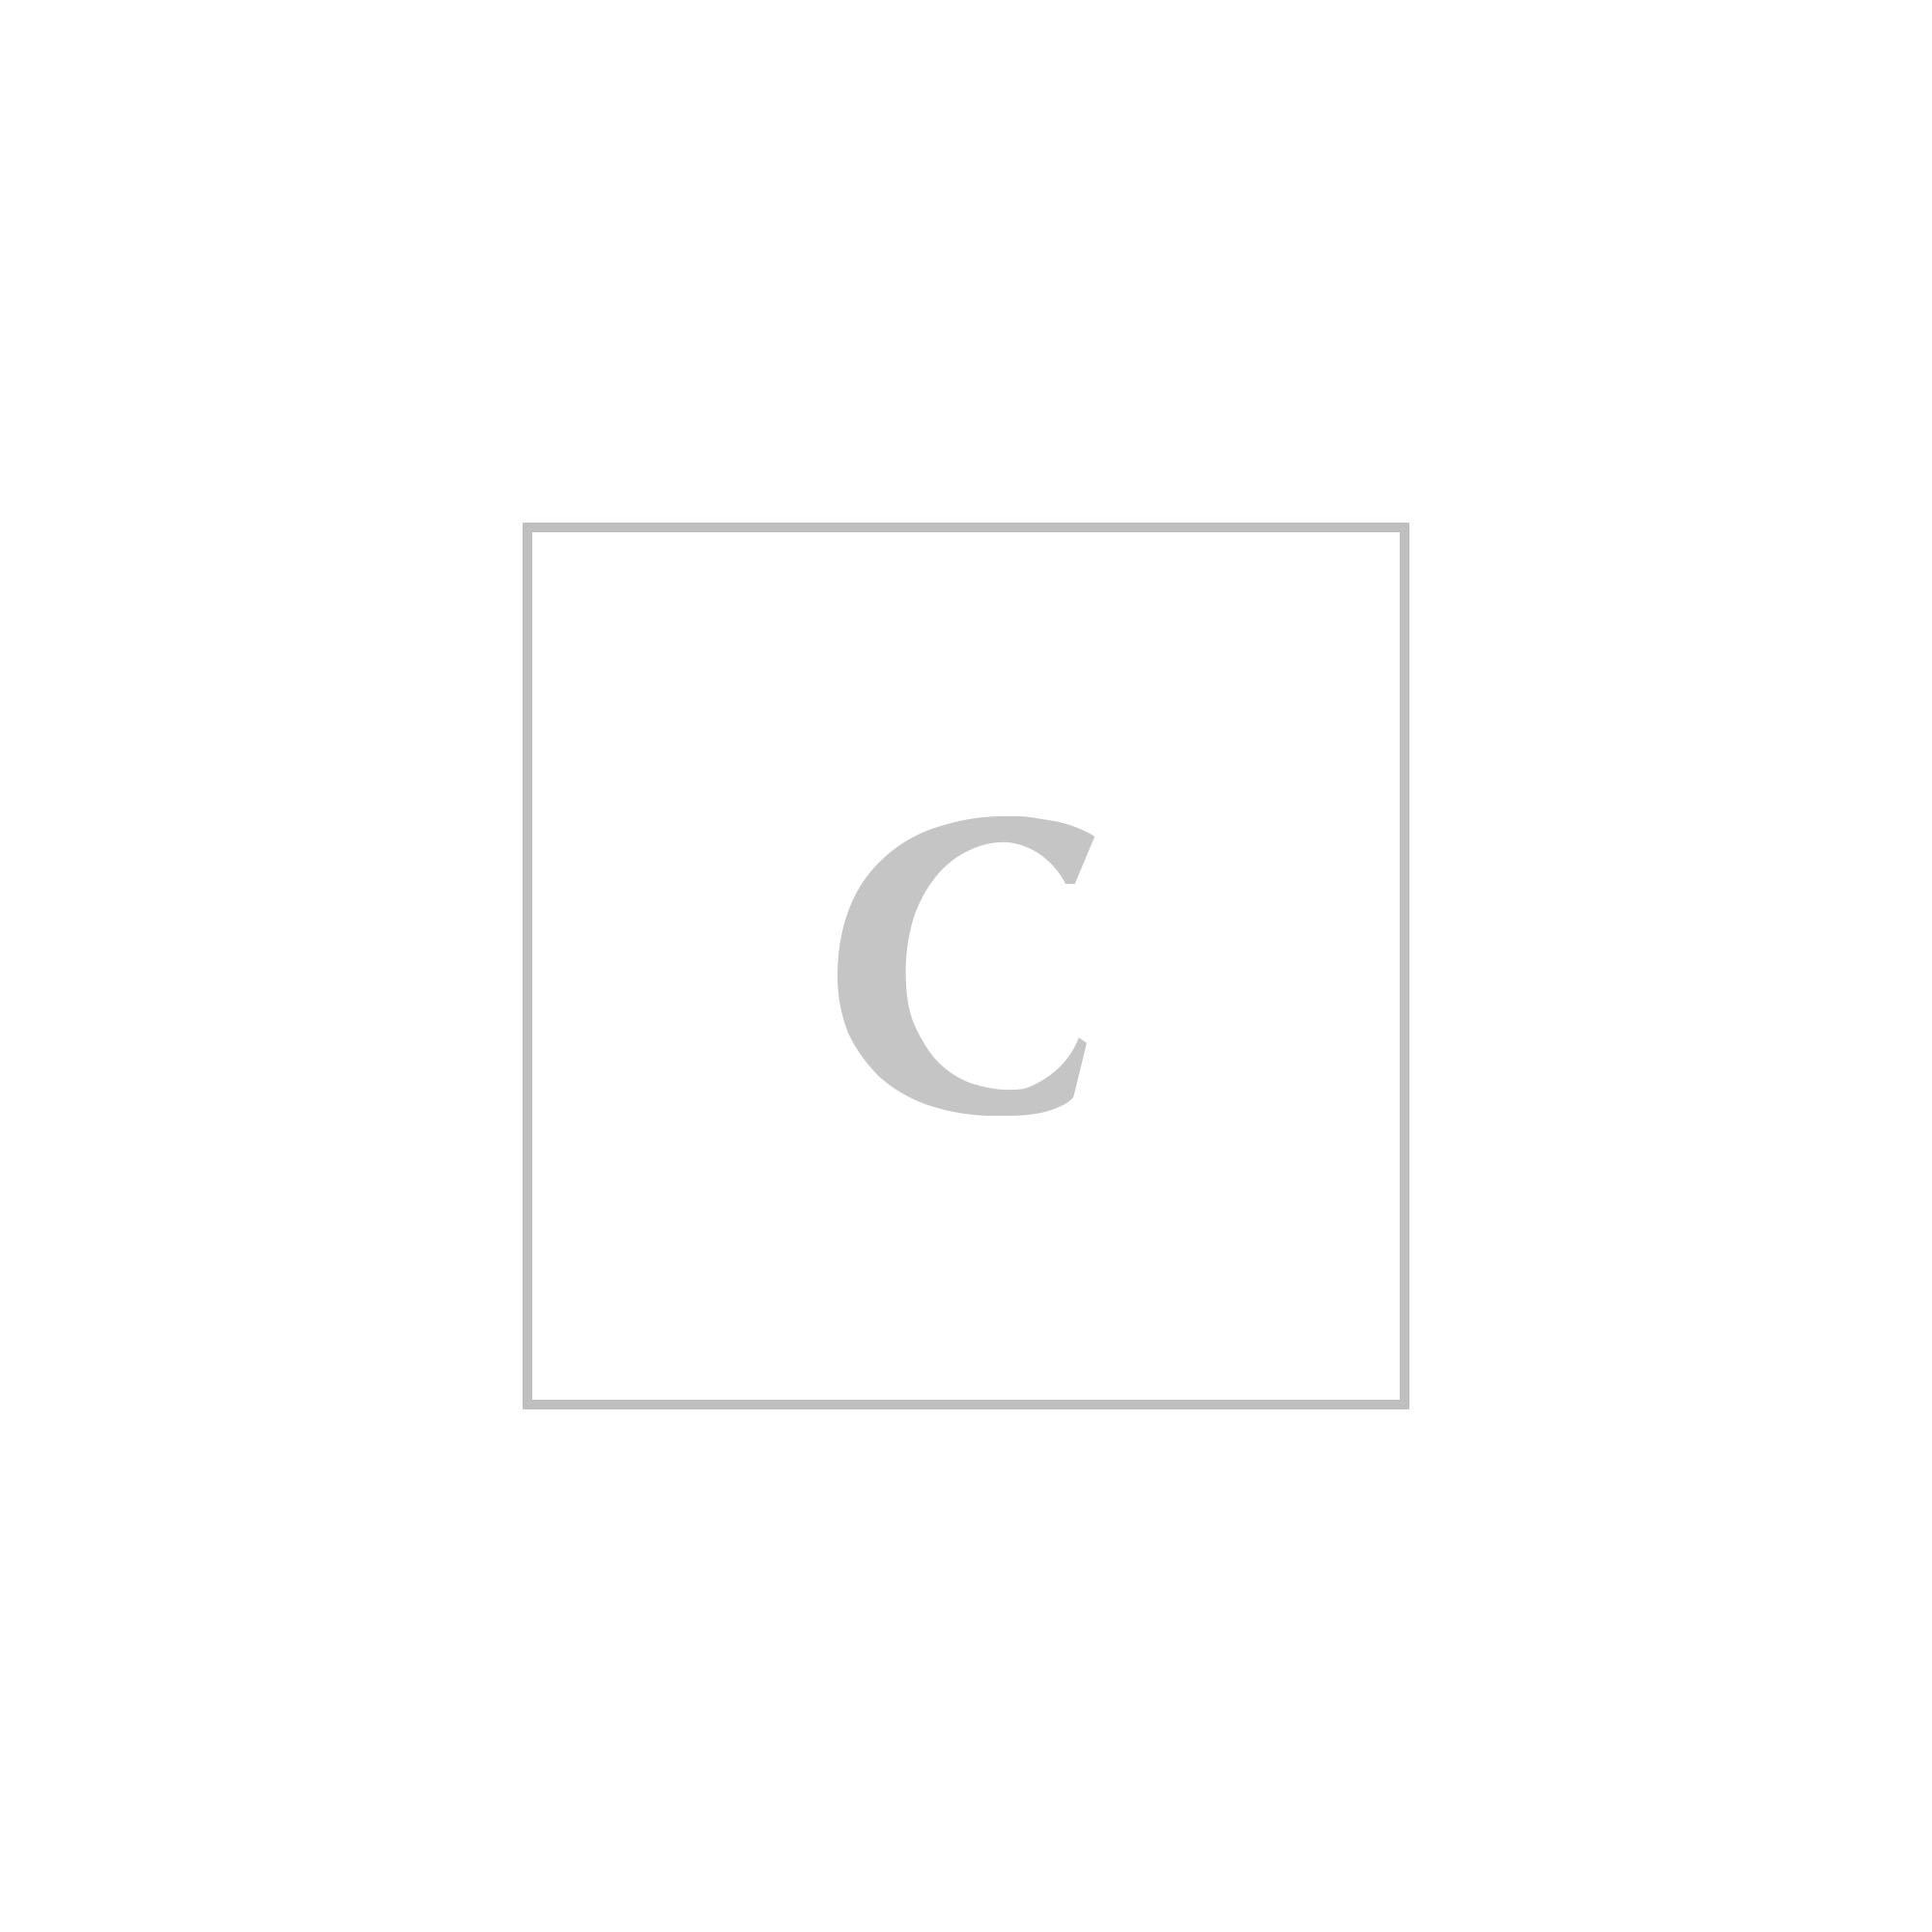 Nero Coltorti Boutique Uomo Gcds da Piumini 7RwqWTS